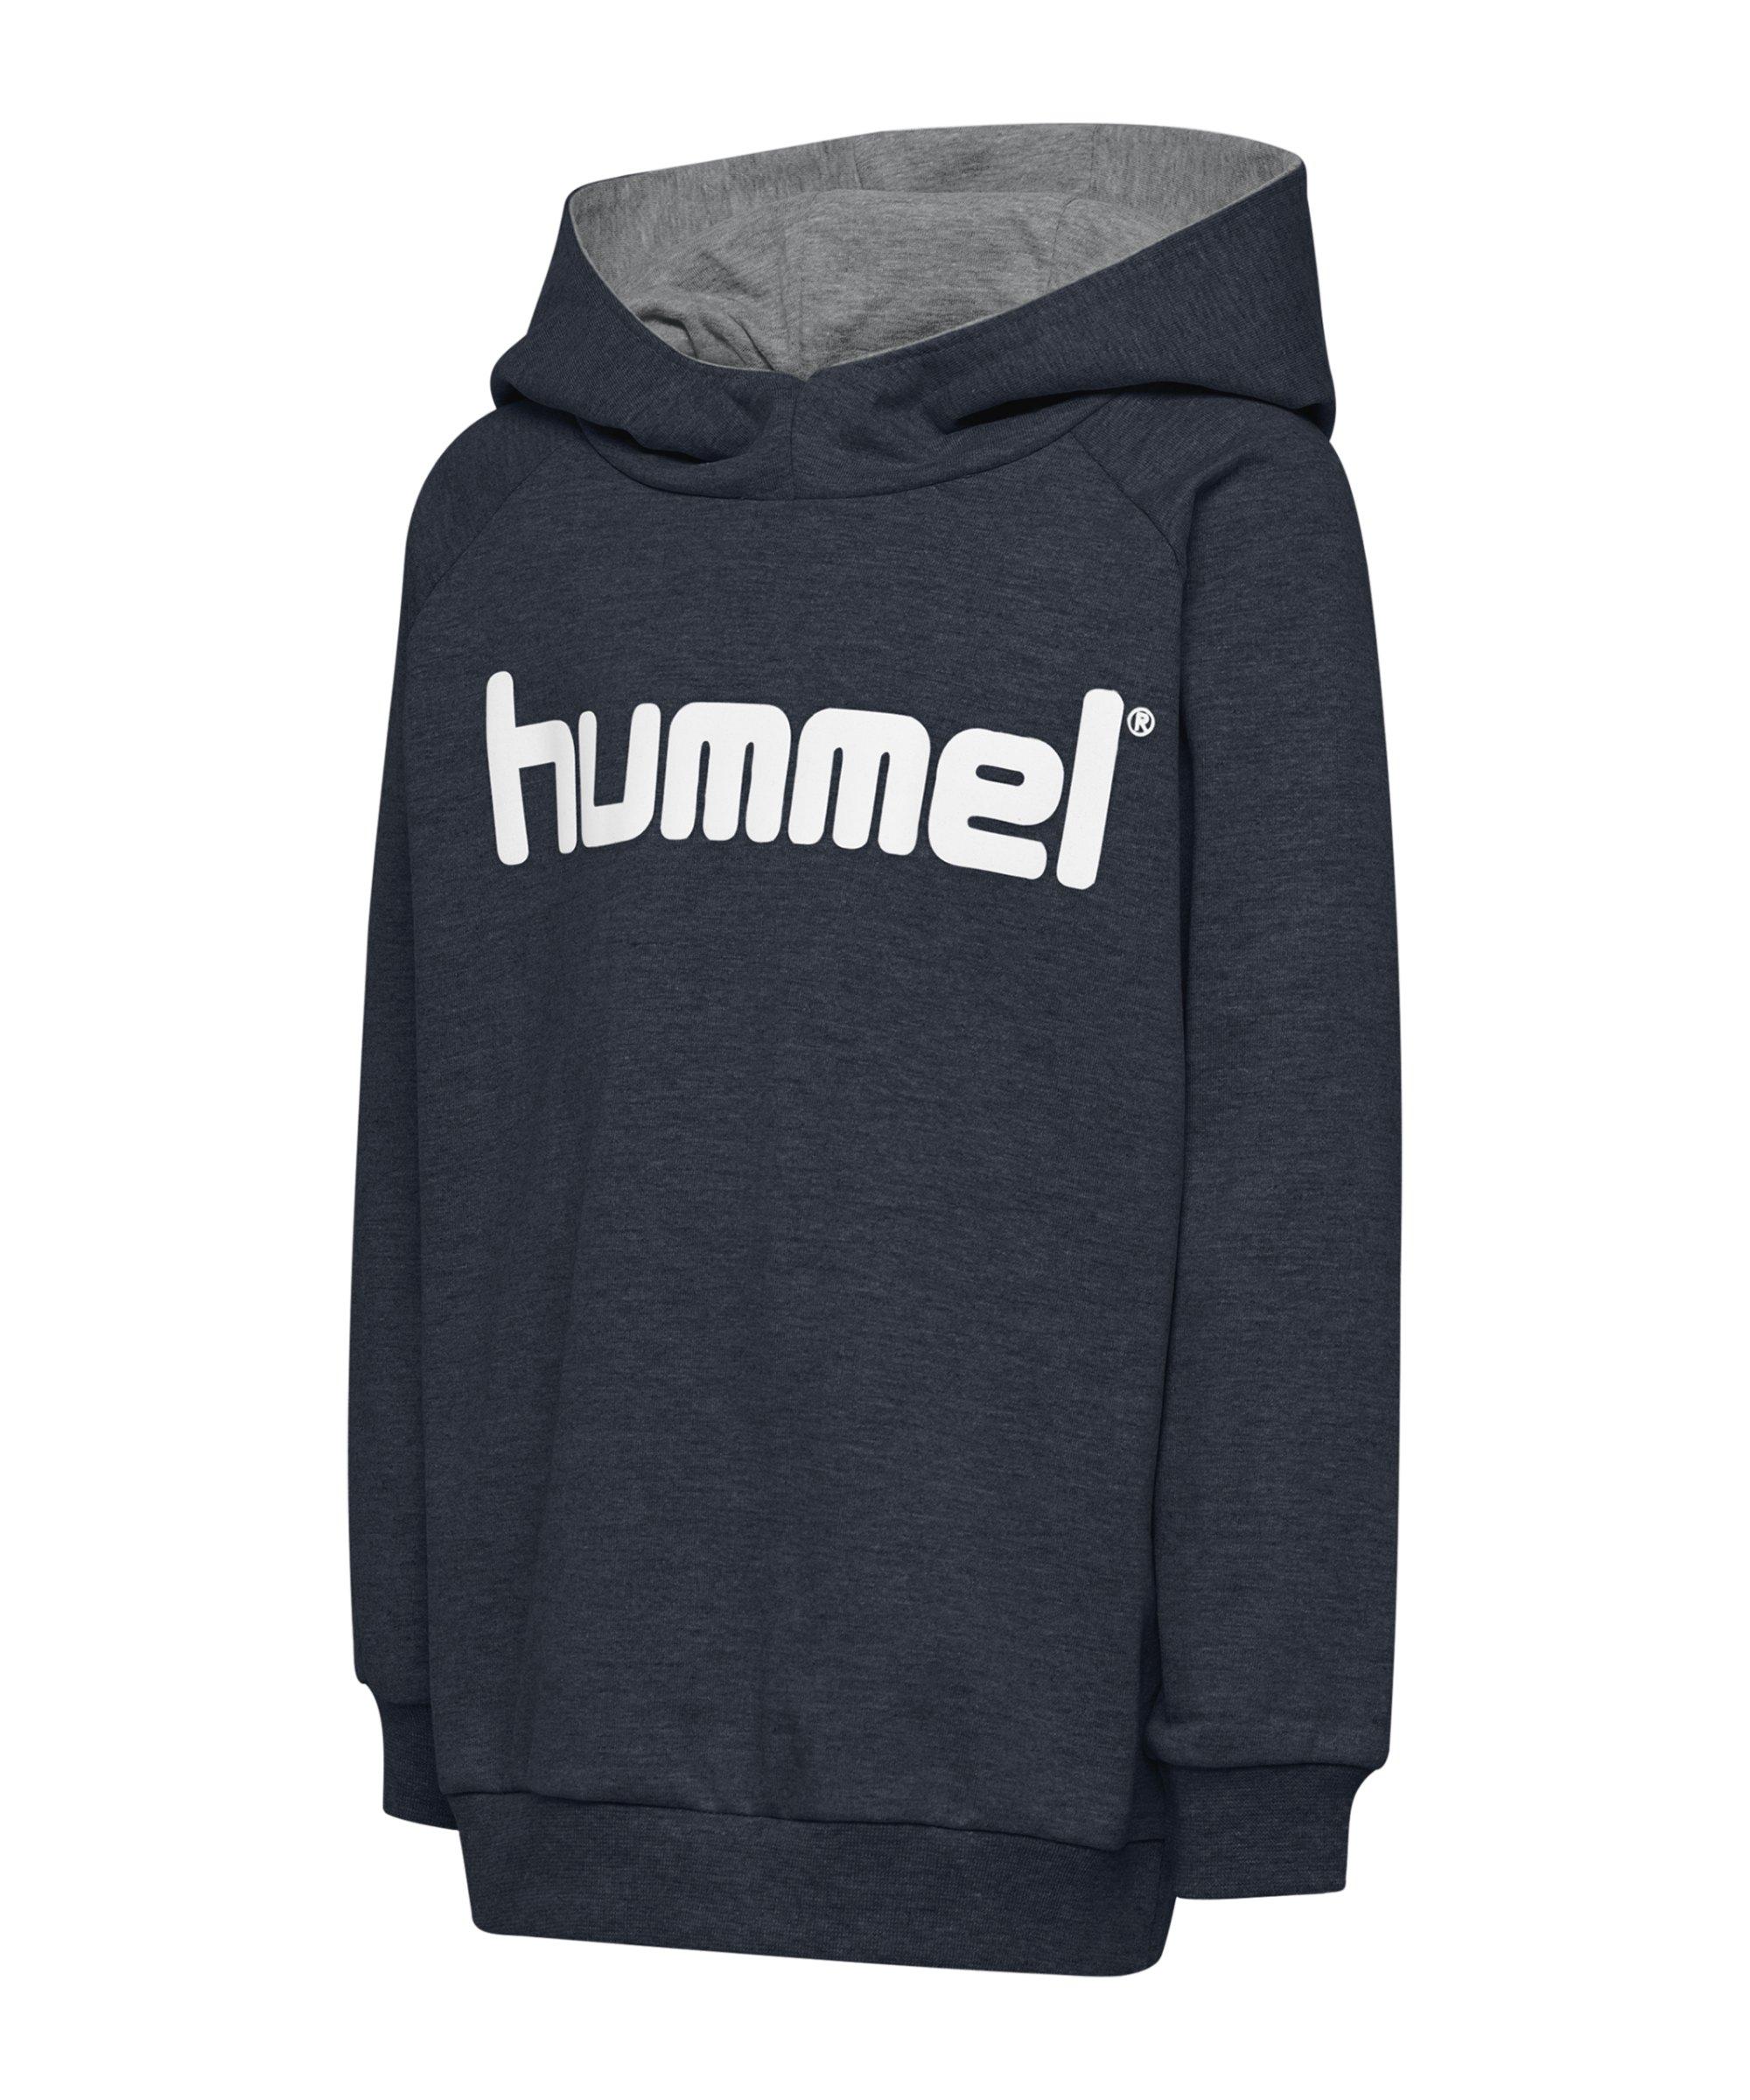 Hummel Cotton Logo Hoody Kids Grau F8571 - grau